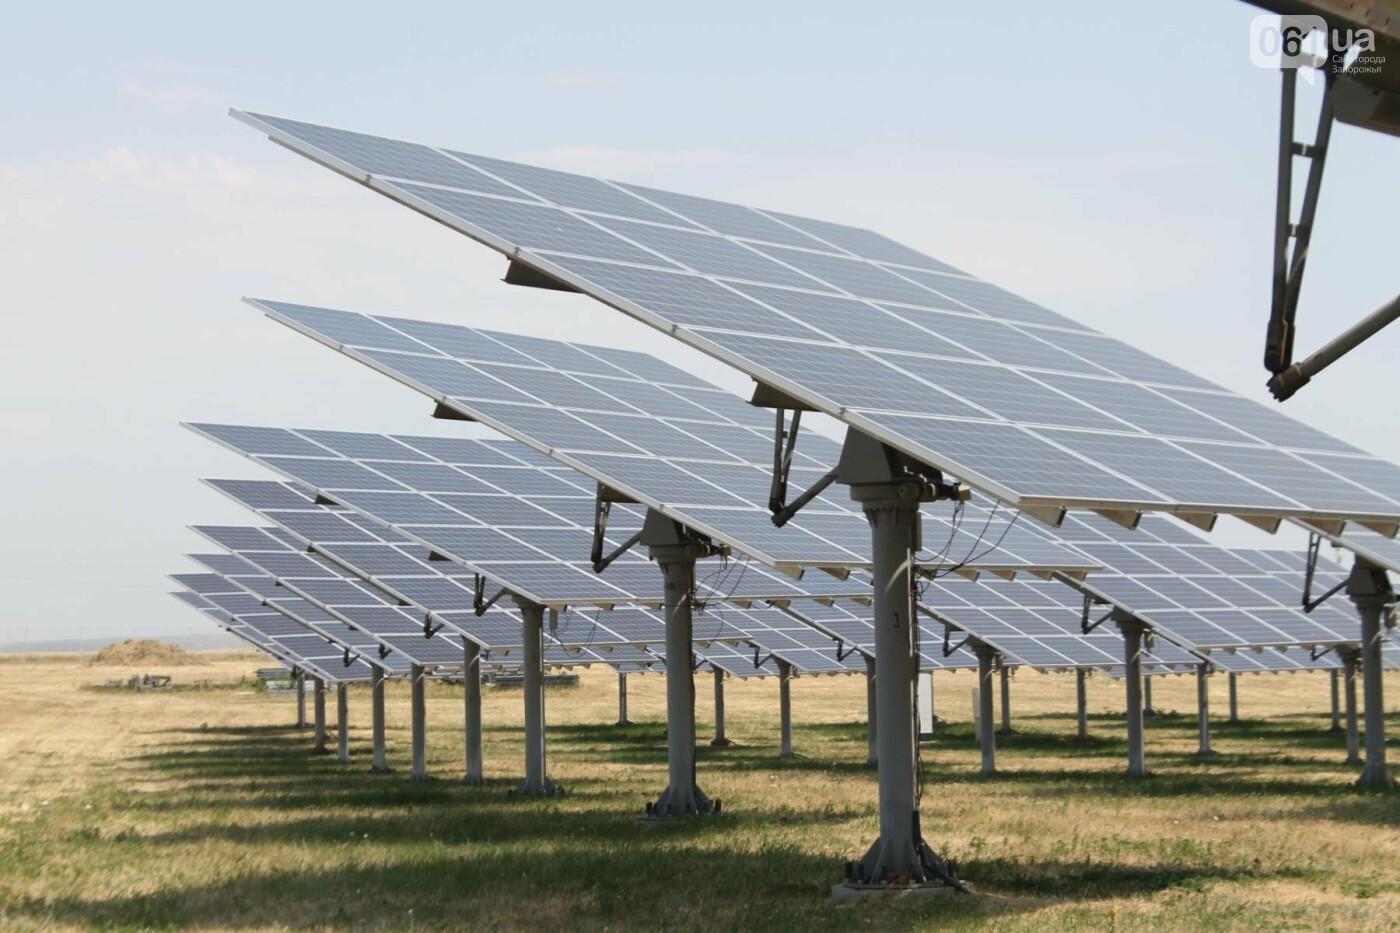 Как в Запорожской области работает крупнейшая в Украине солнечная станция: экскурсия на производство, — ФОТОРЕПОРТАЖ, фото-45